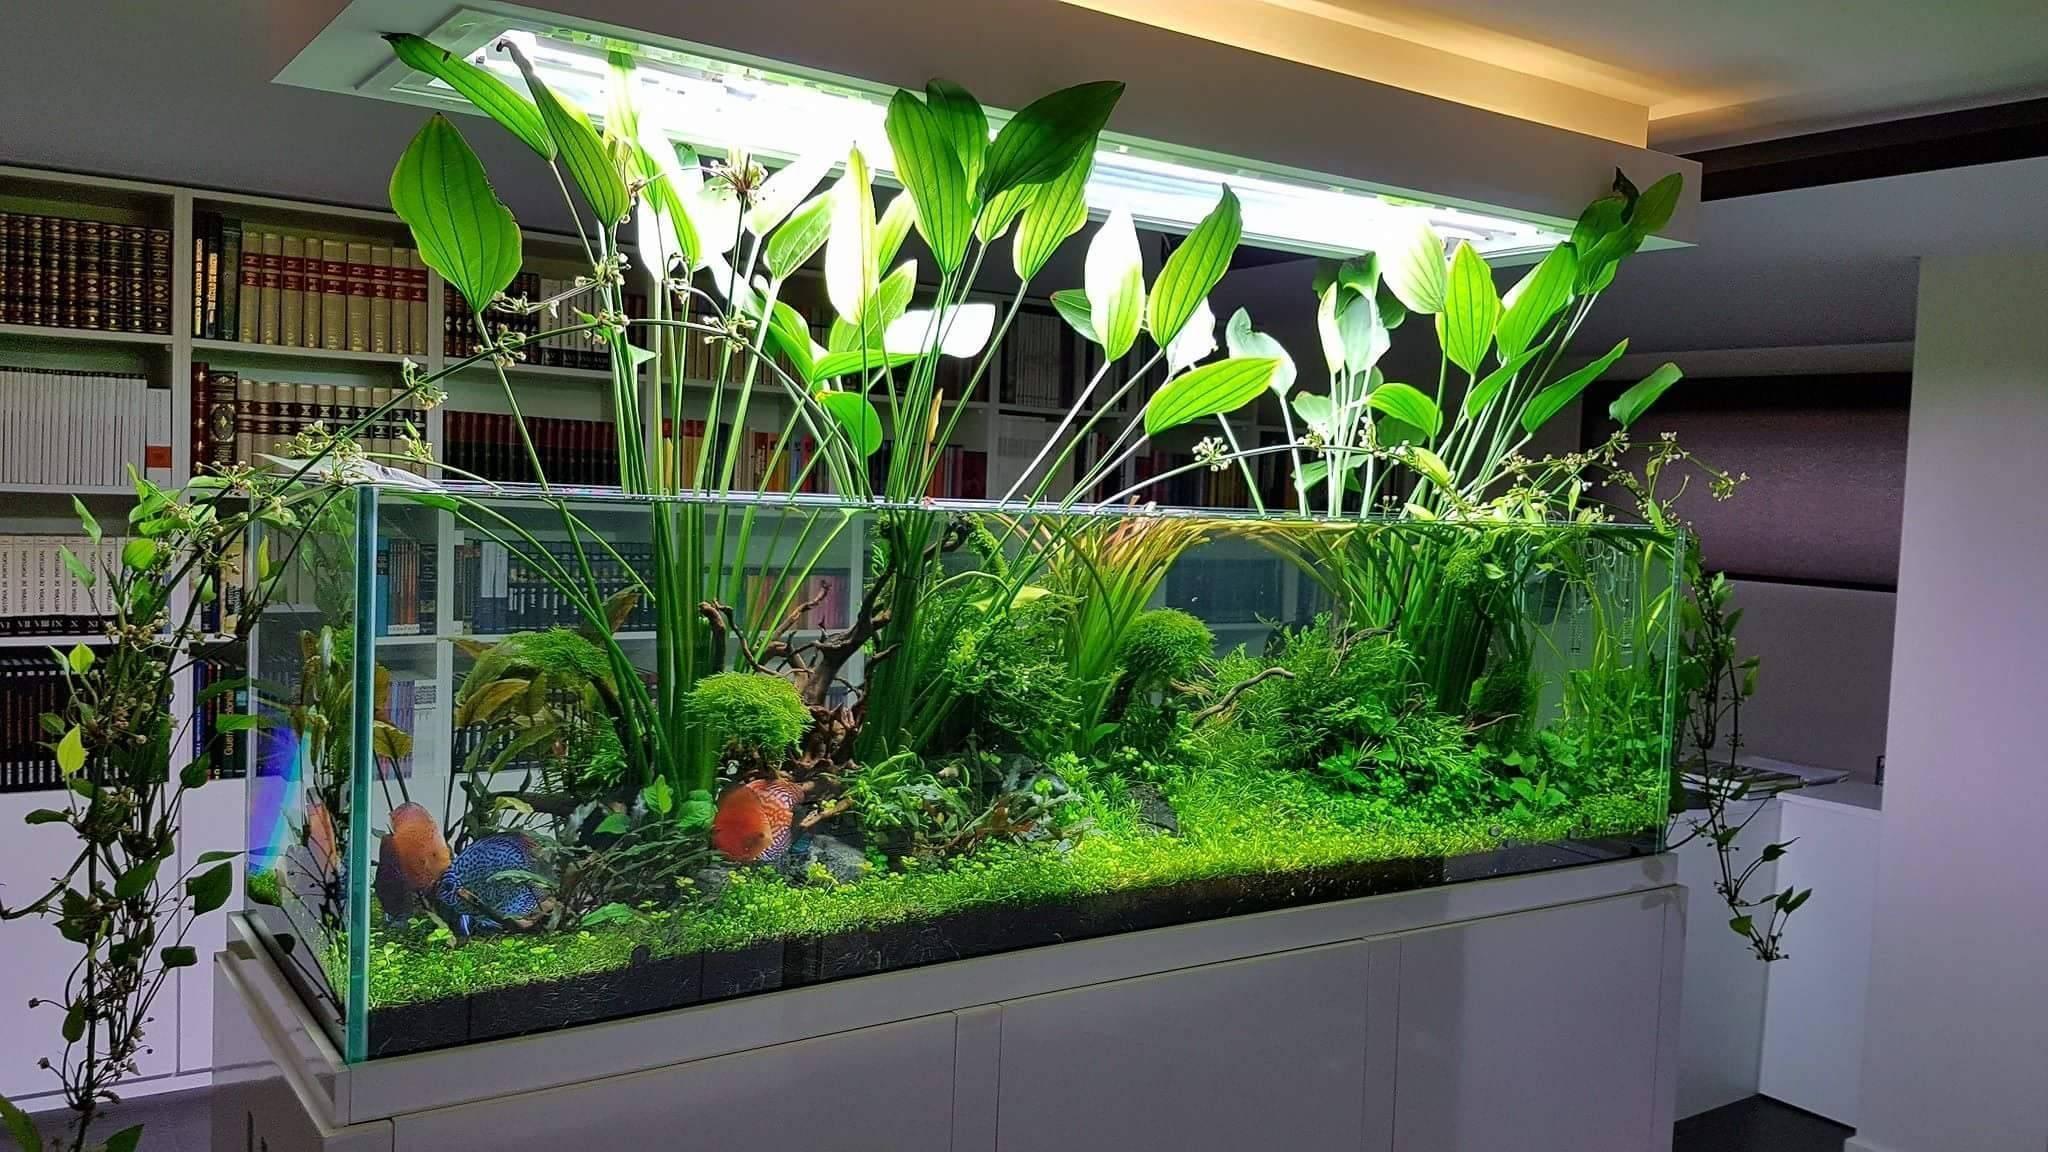 Фитофильтры для аквариума: назначение и разновидности, изготовление своими руками